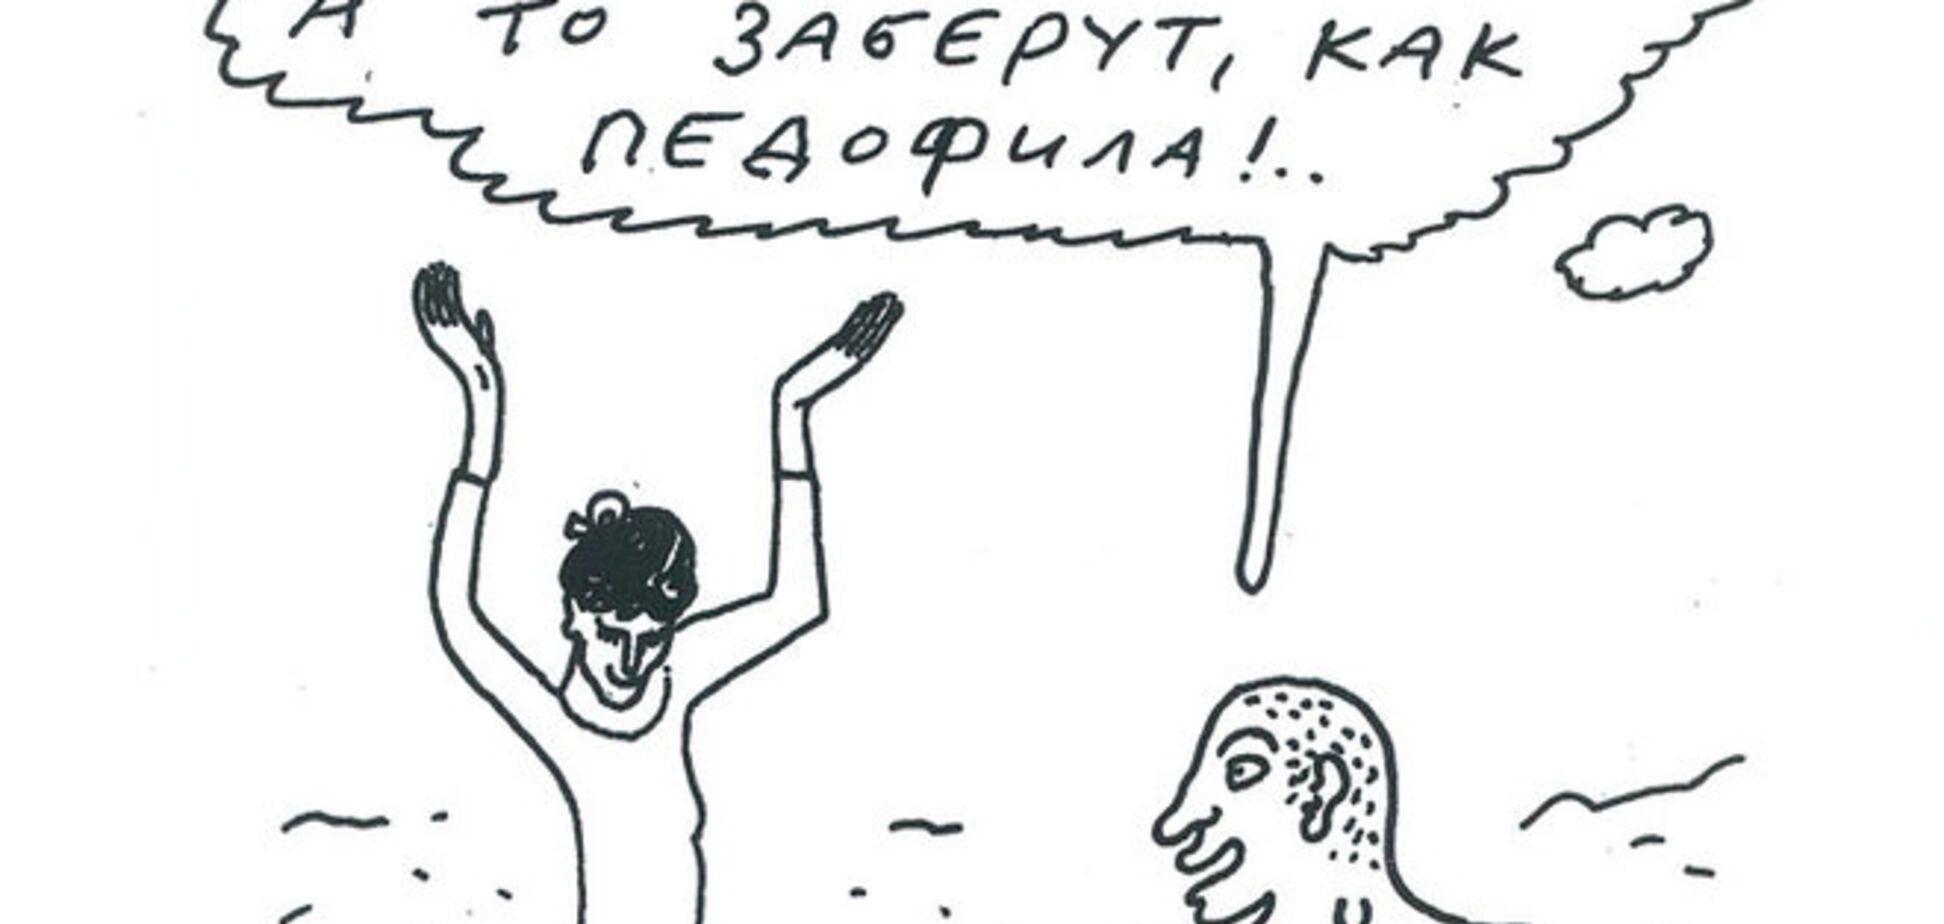 Как можно клеймить позором Бандеру, держа в руках портрет Сталина?